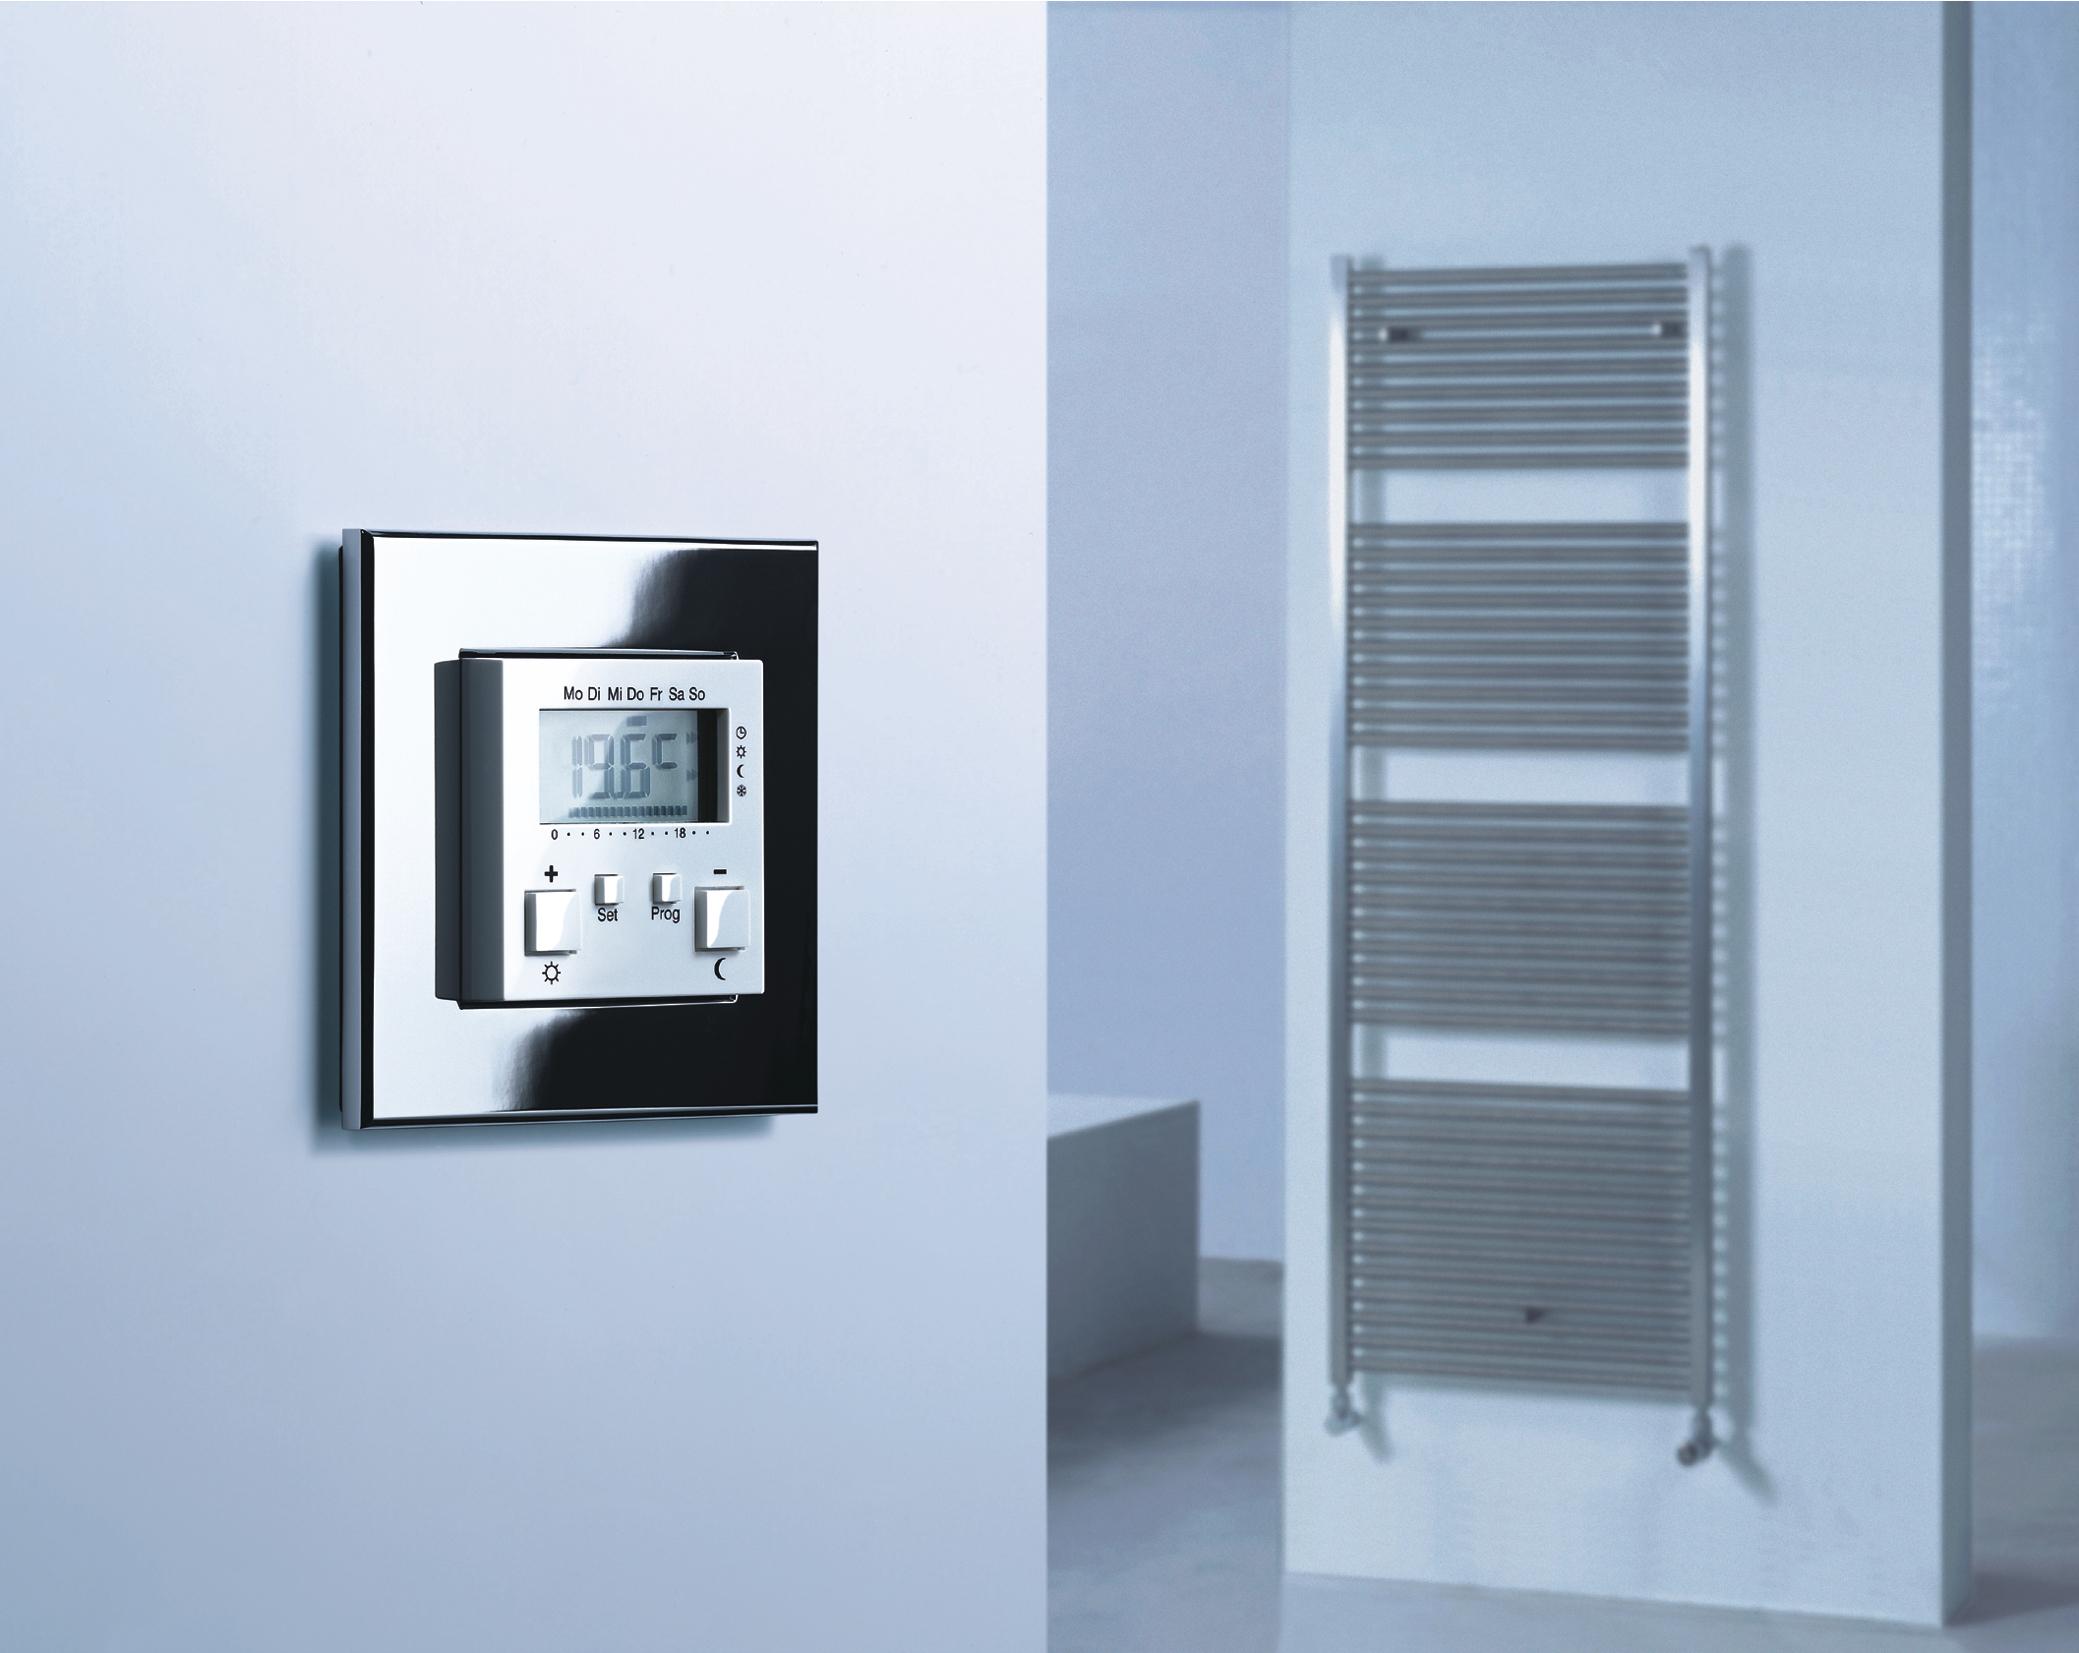 Schlafzimmer temperatur winter: wieviel grad in der wohnung ...